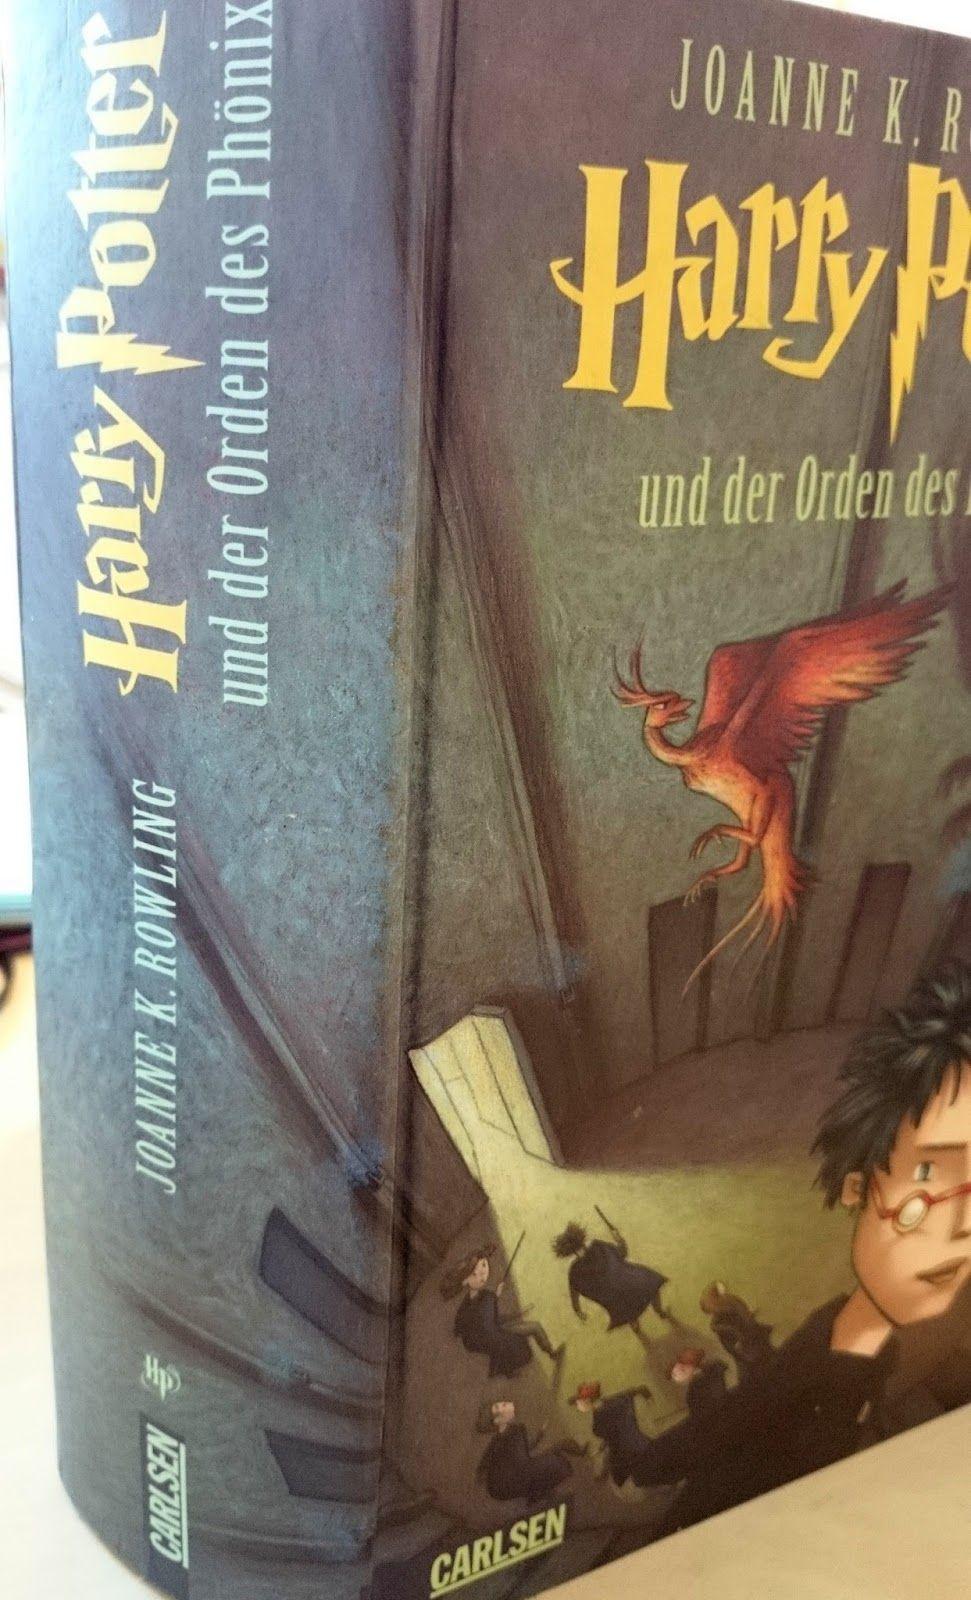 J. K. Rowling - Harry Potter und der Orden des Phönix Rezension  Luccioa: Beauty, Fashion, Literatur und Inspirationen